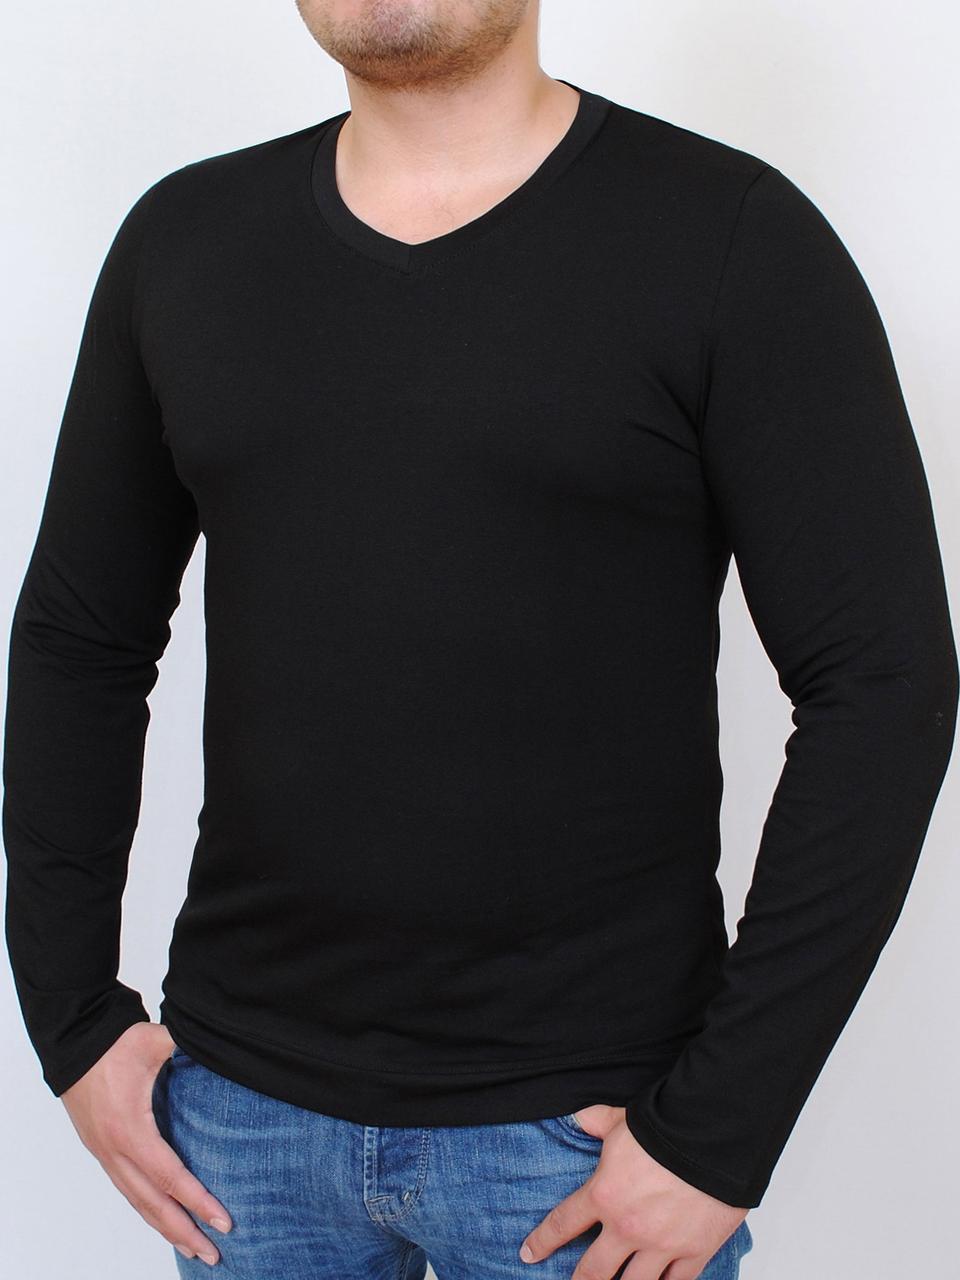 8ee72335d356b grand ua MEN LONG футболка длинный рукав - Магазин трендовых товаров в Киеве